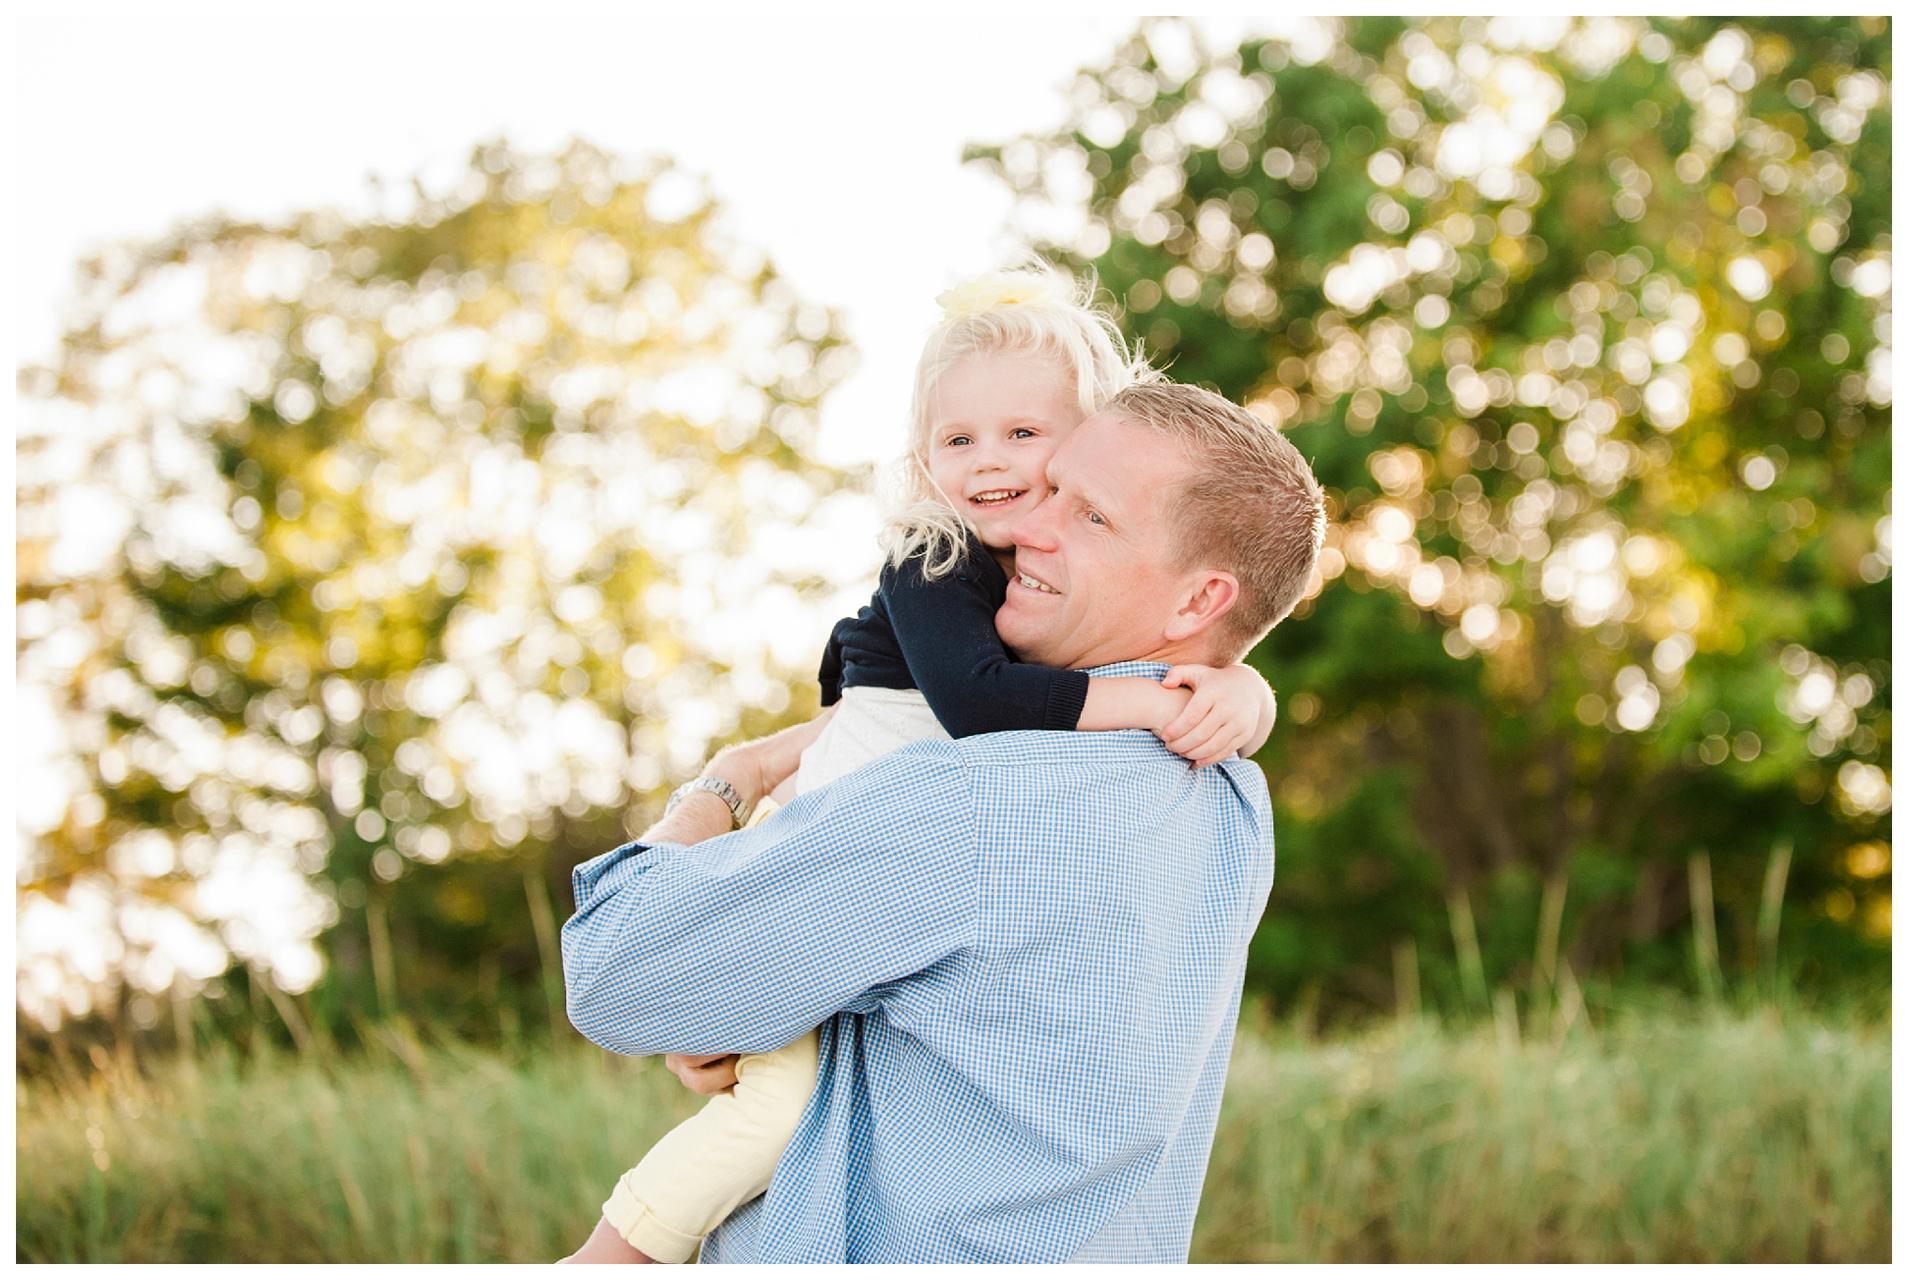 Family-Photographer-Sweet-Light-Portraits26.jpg